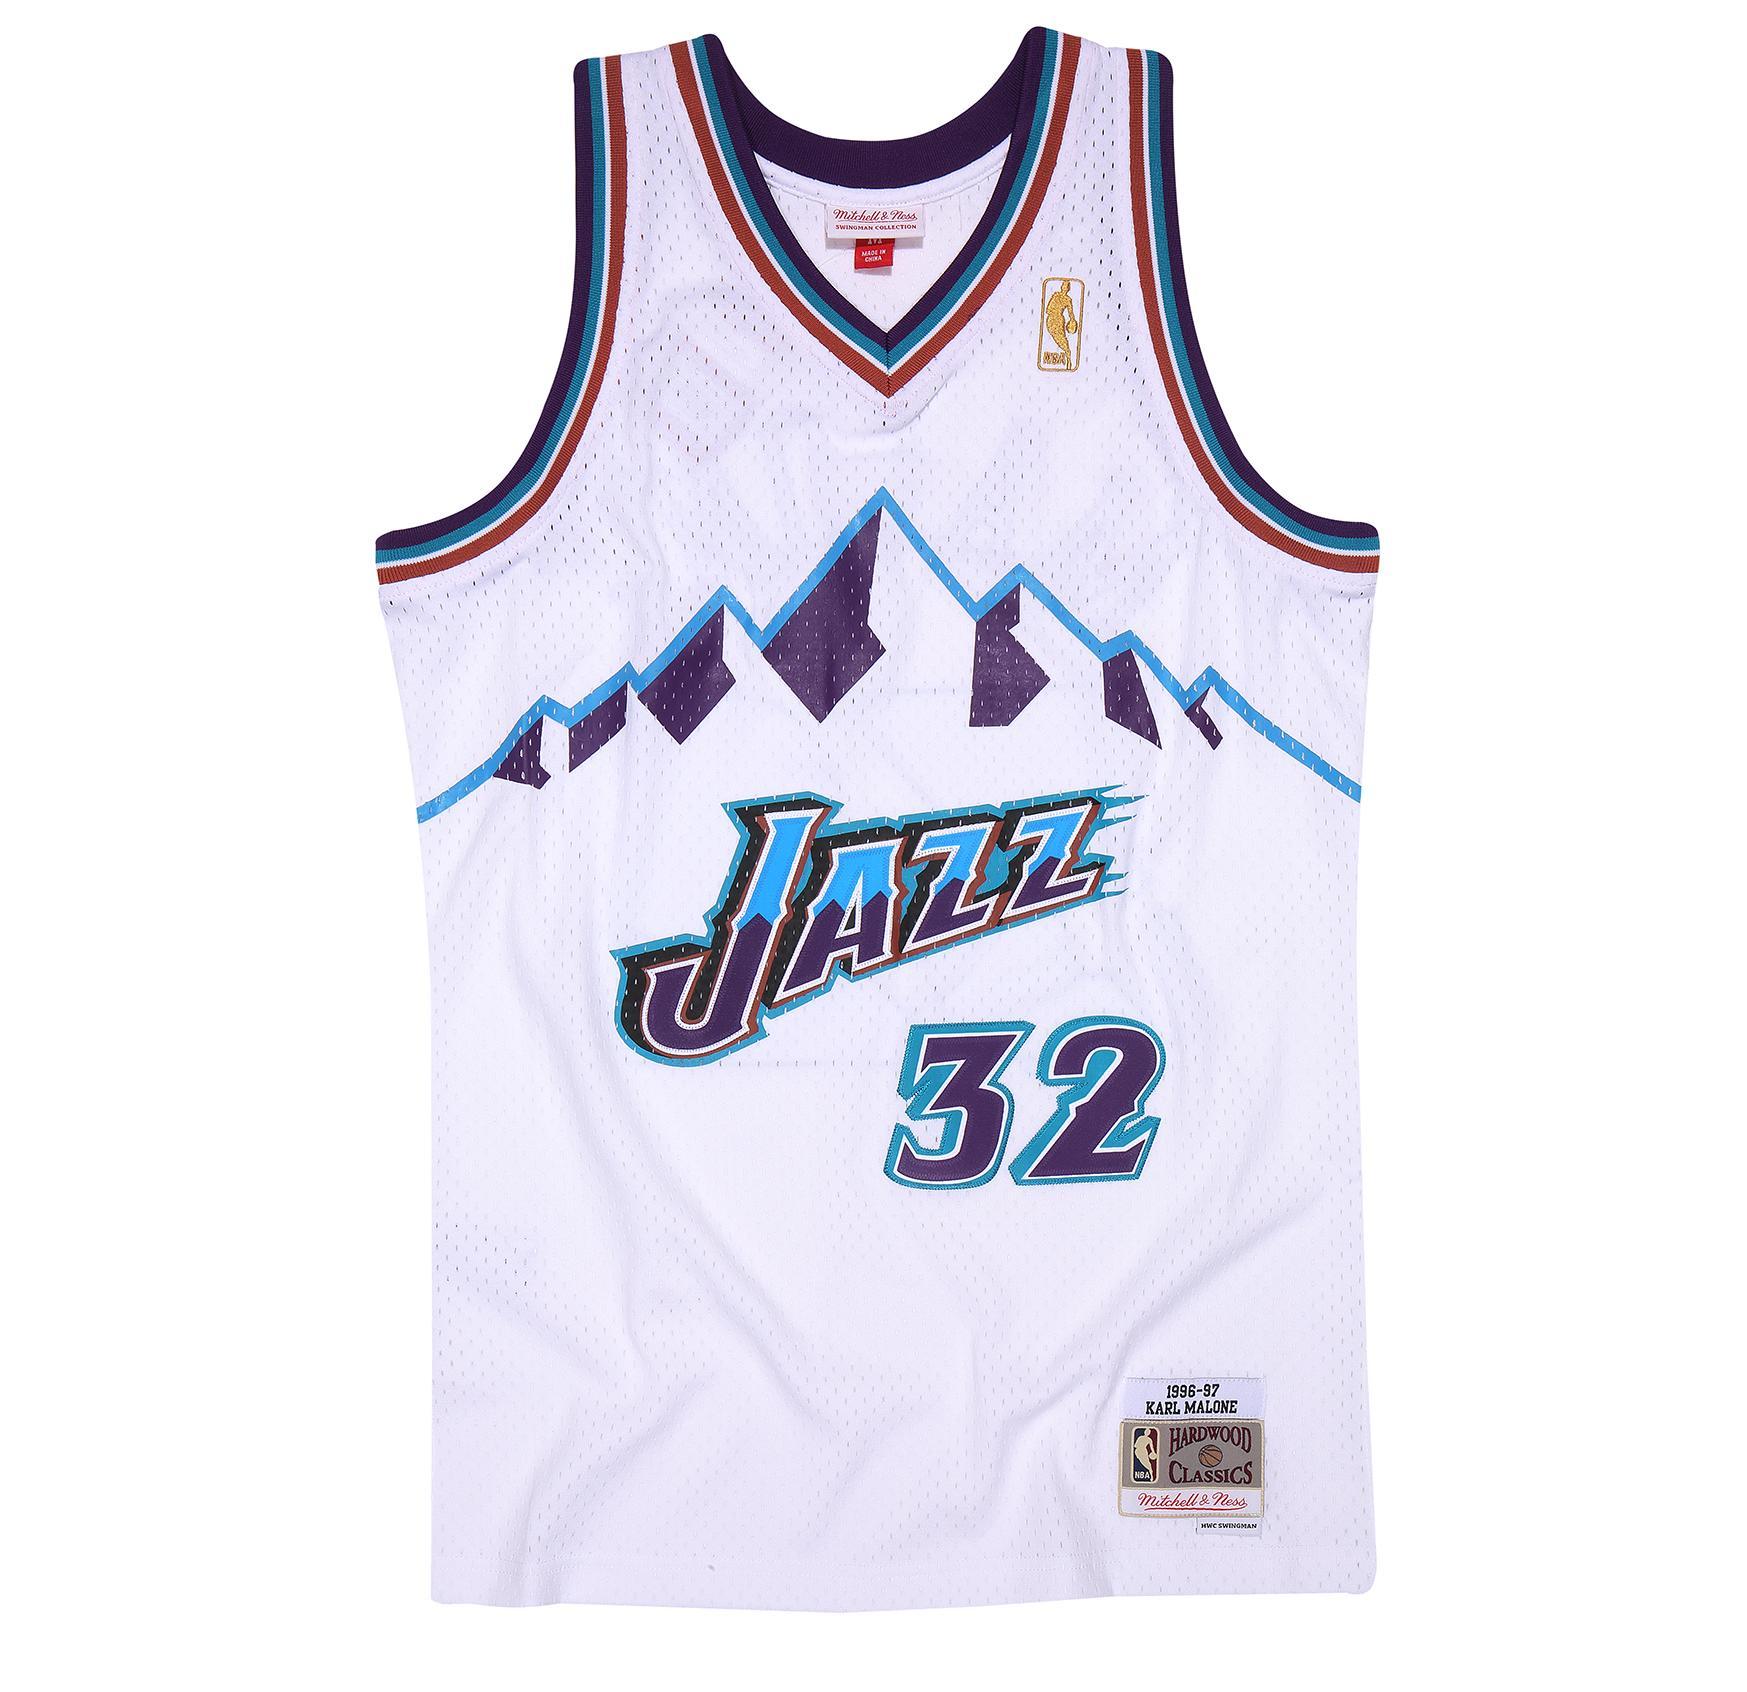 48f1afe3f Karl Malone 1996-97 Home Swingman Jersey Utah Jazz